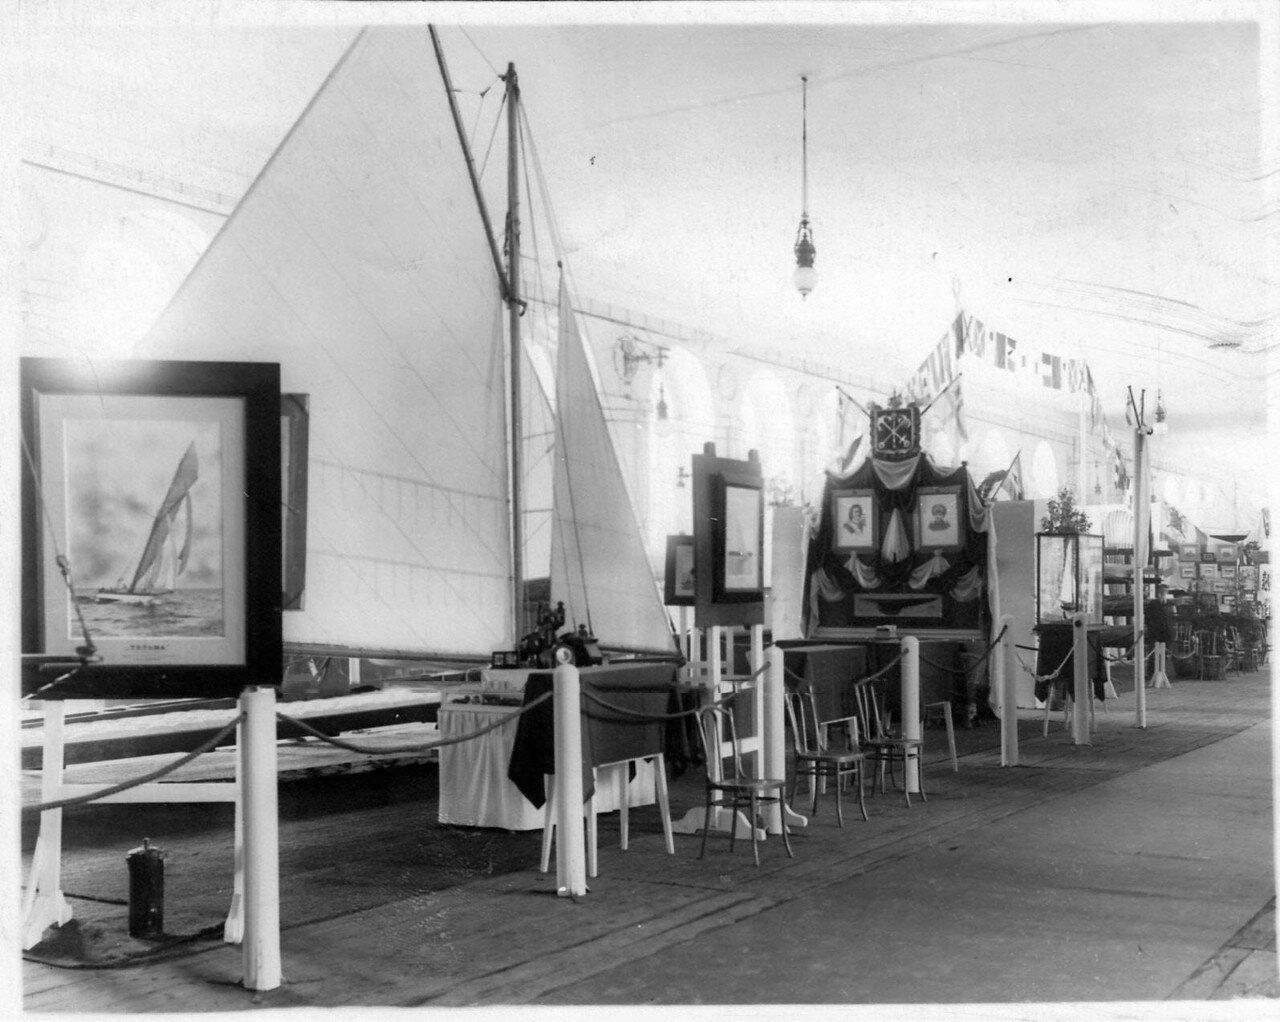 25. Модель яхты, призы и другие экспонаты императорского яхт-клуба